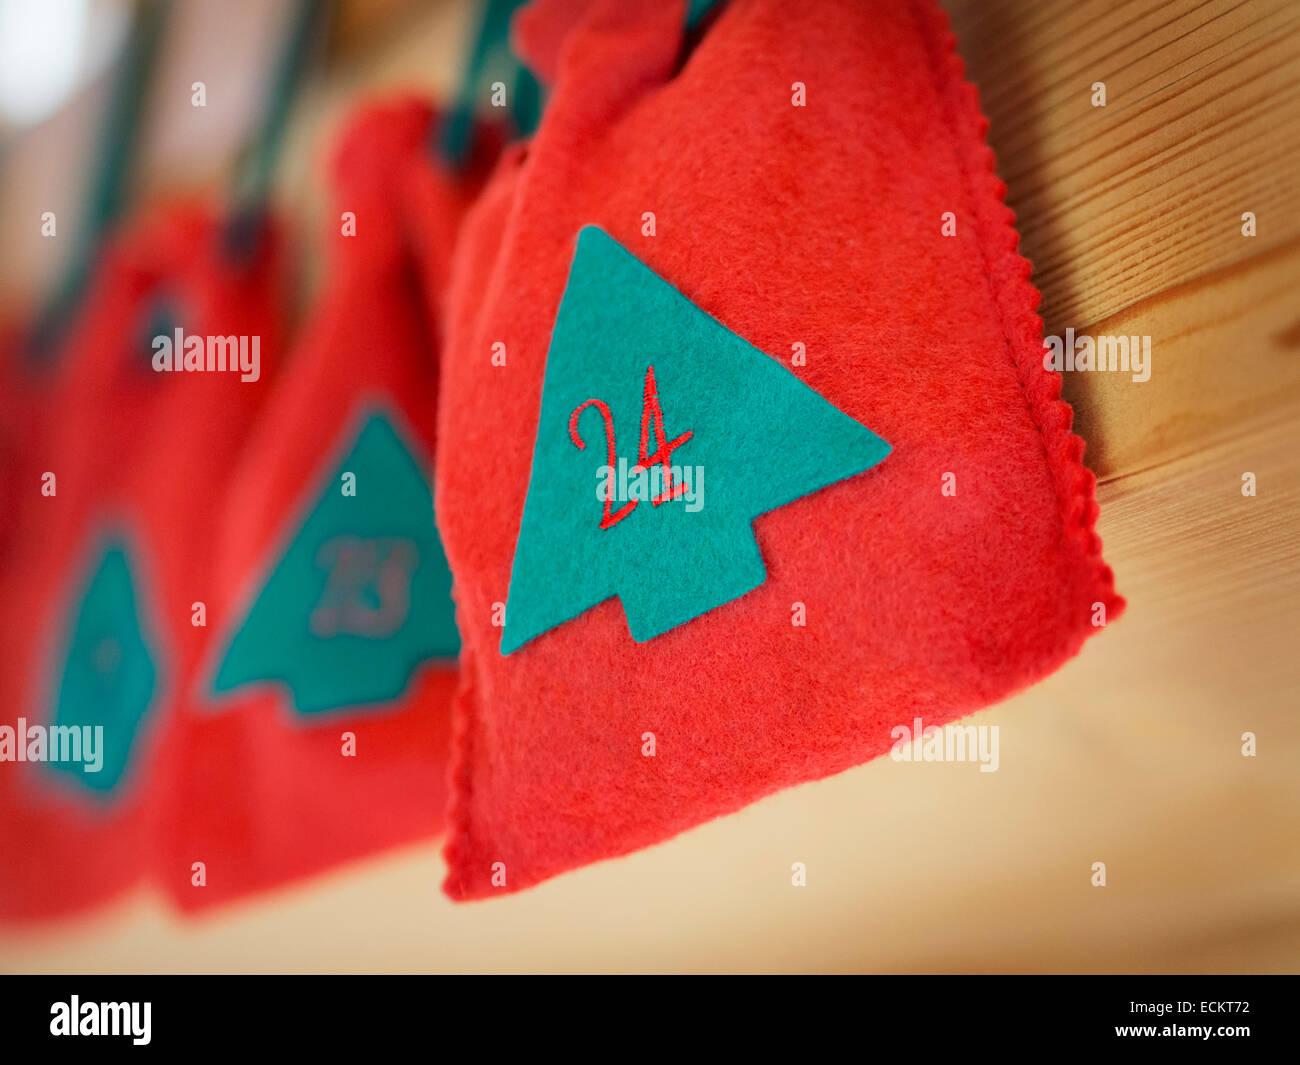 Bild von einem Adventskalender mit der Nummer 24 Heiligabend Stockbild